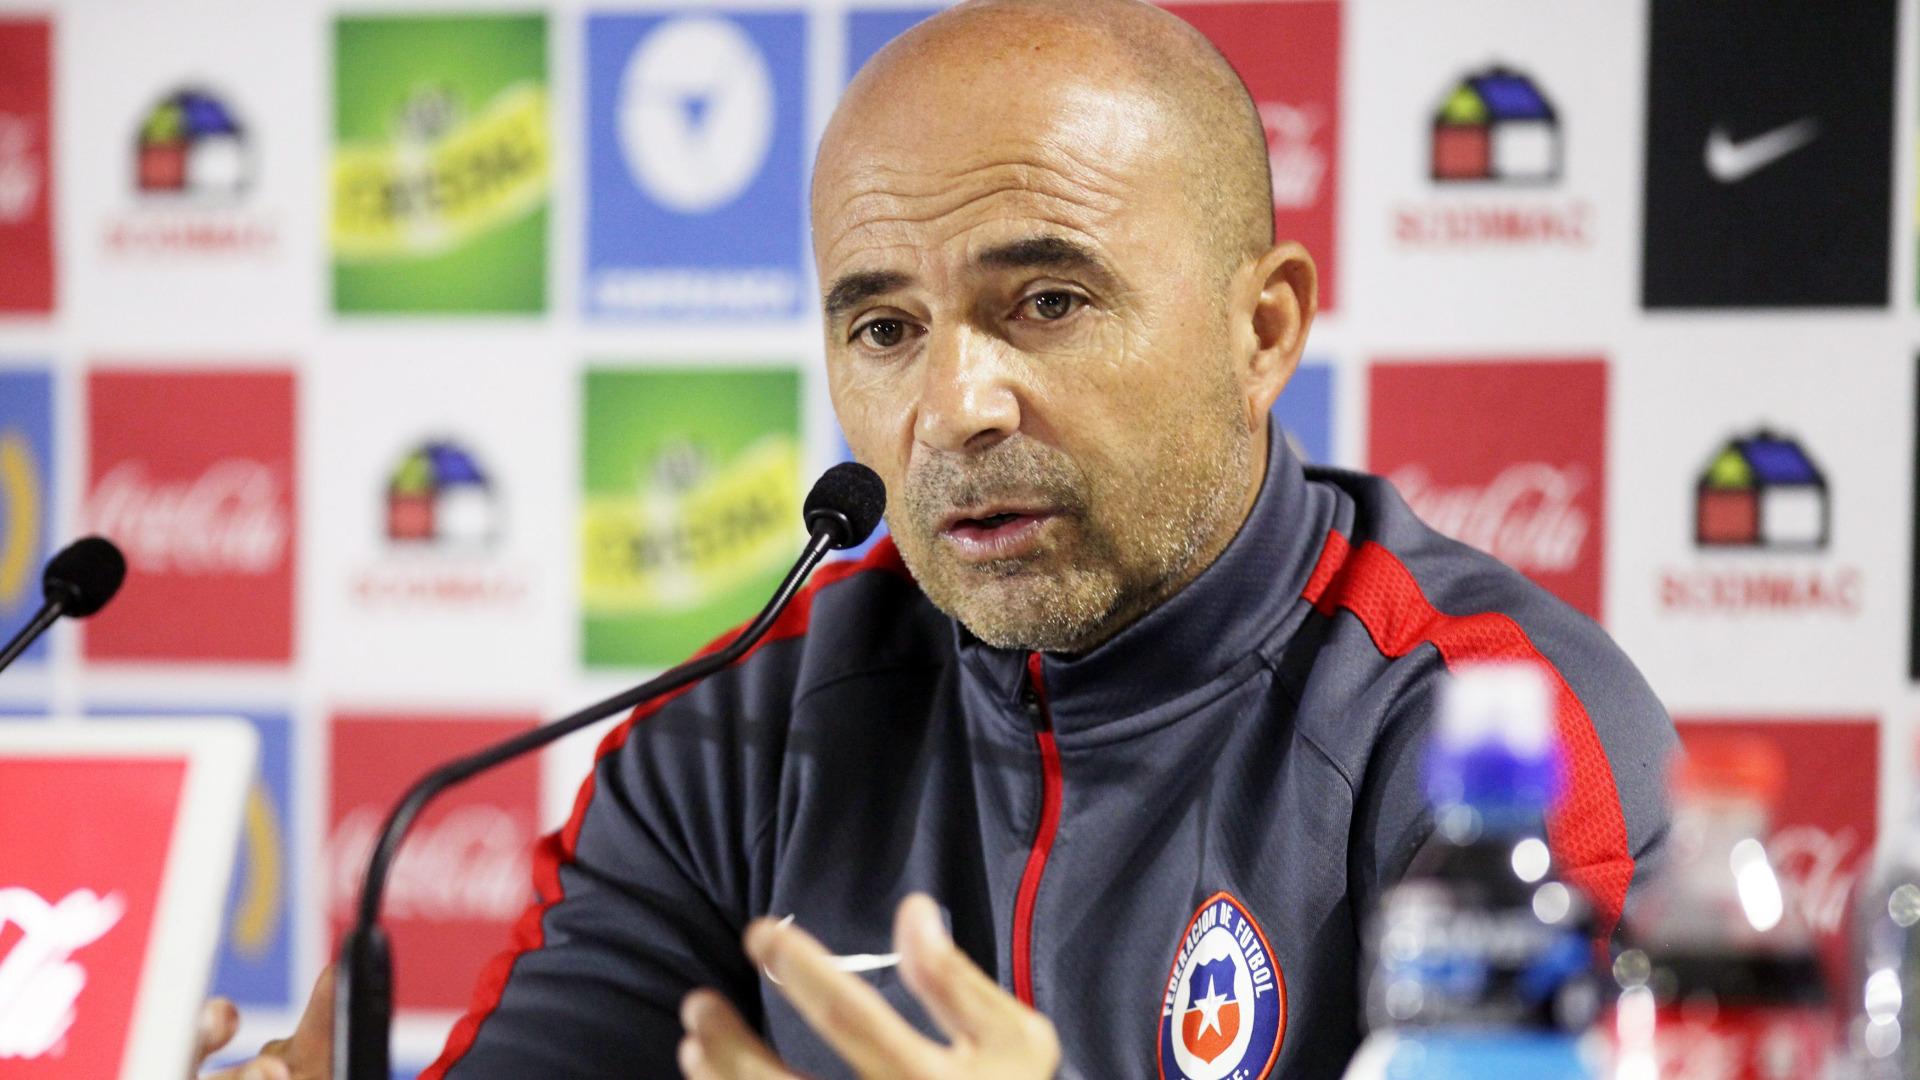 Аржентинската футболна федерация се договори за предсрочно прекратяване на договора